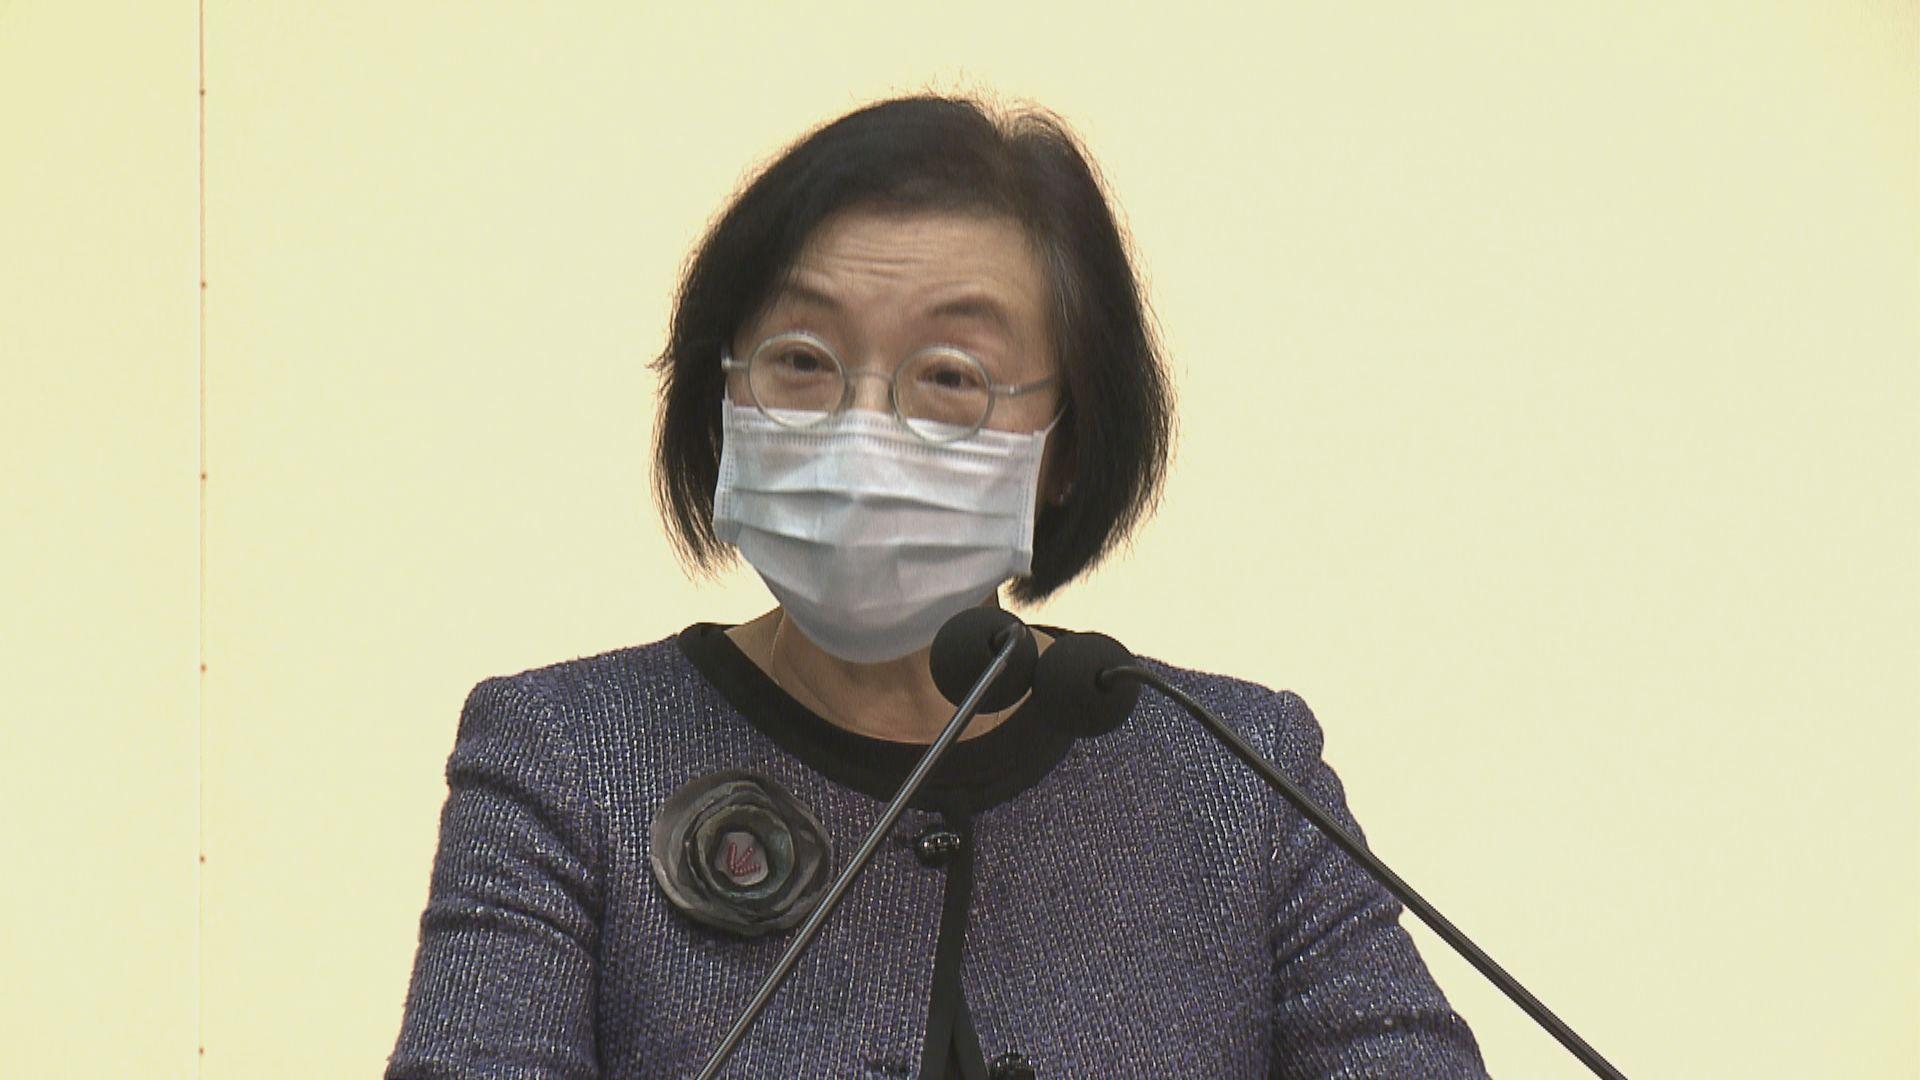 政府將檢視完成接種員工 研究放寬定期檢測要求